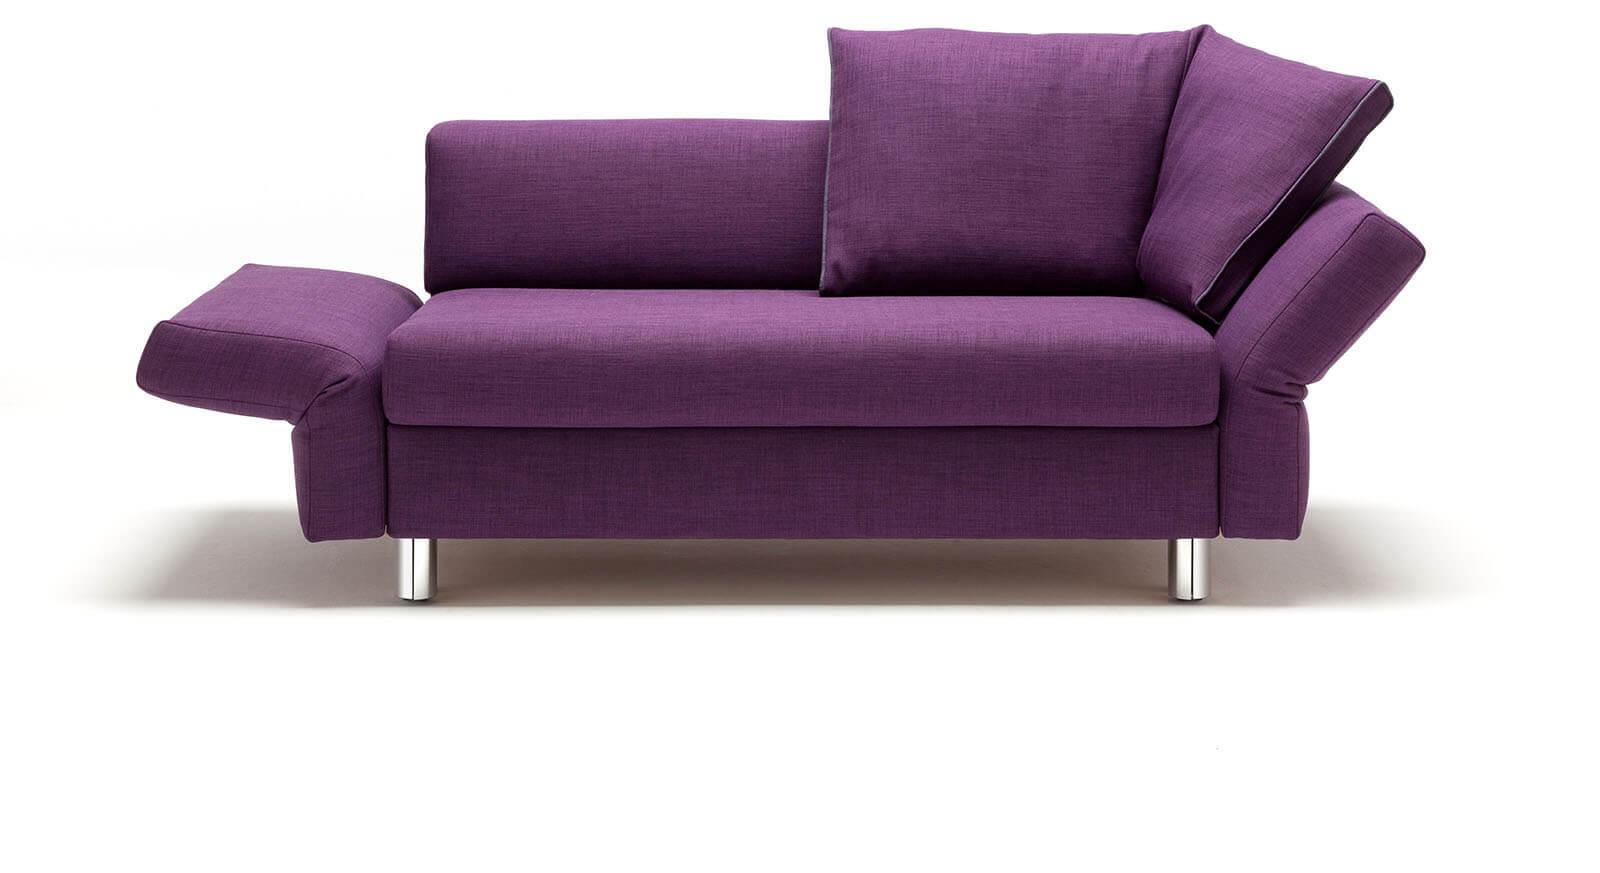 Franz Fertig Sofas sofabed malou with bed box by franz fertig